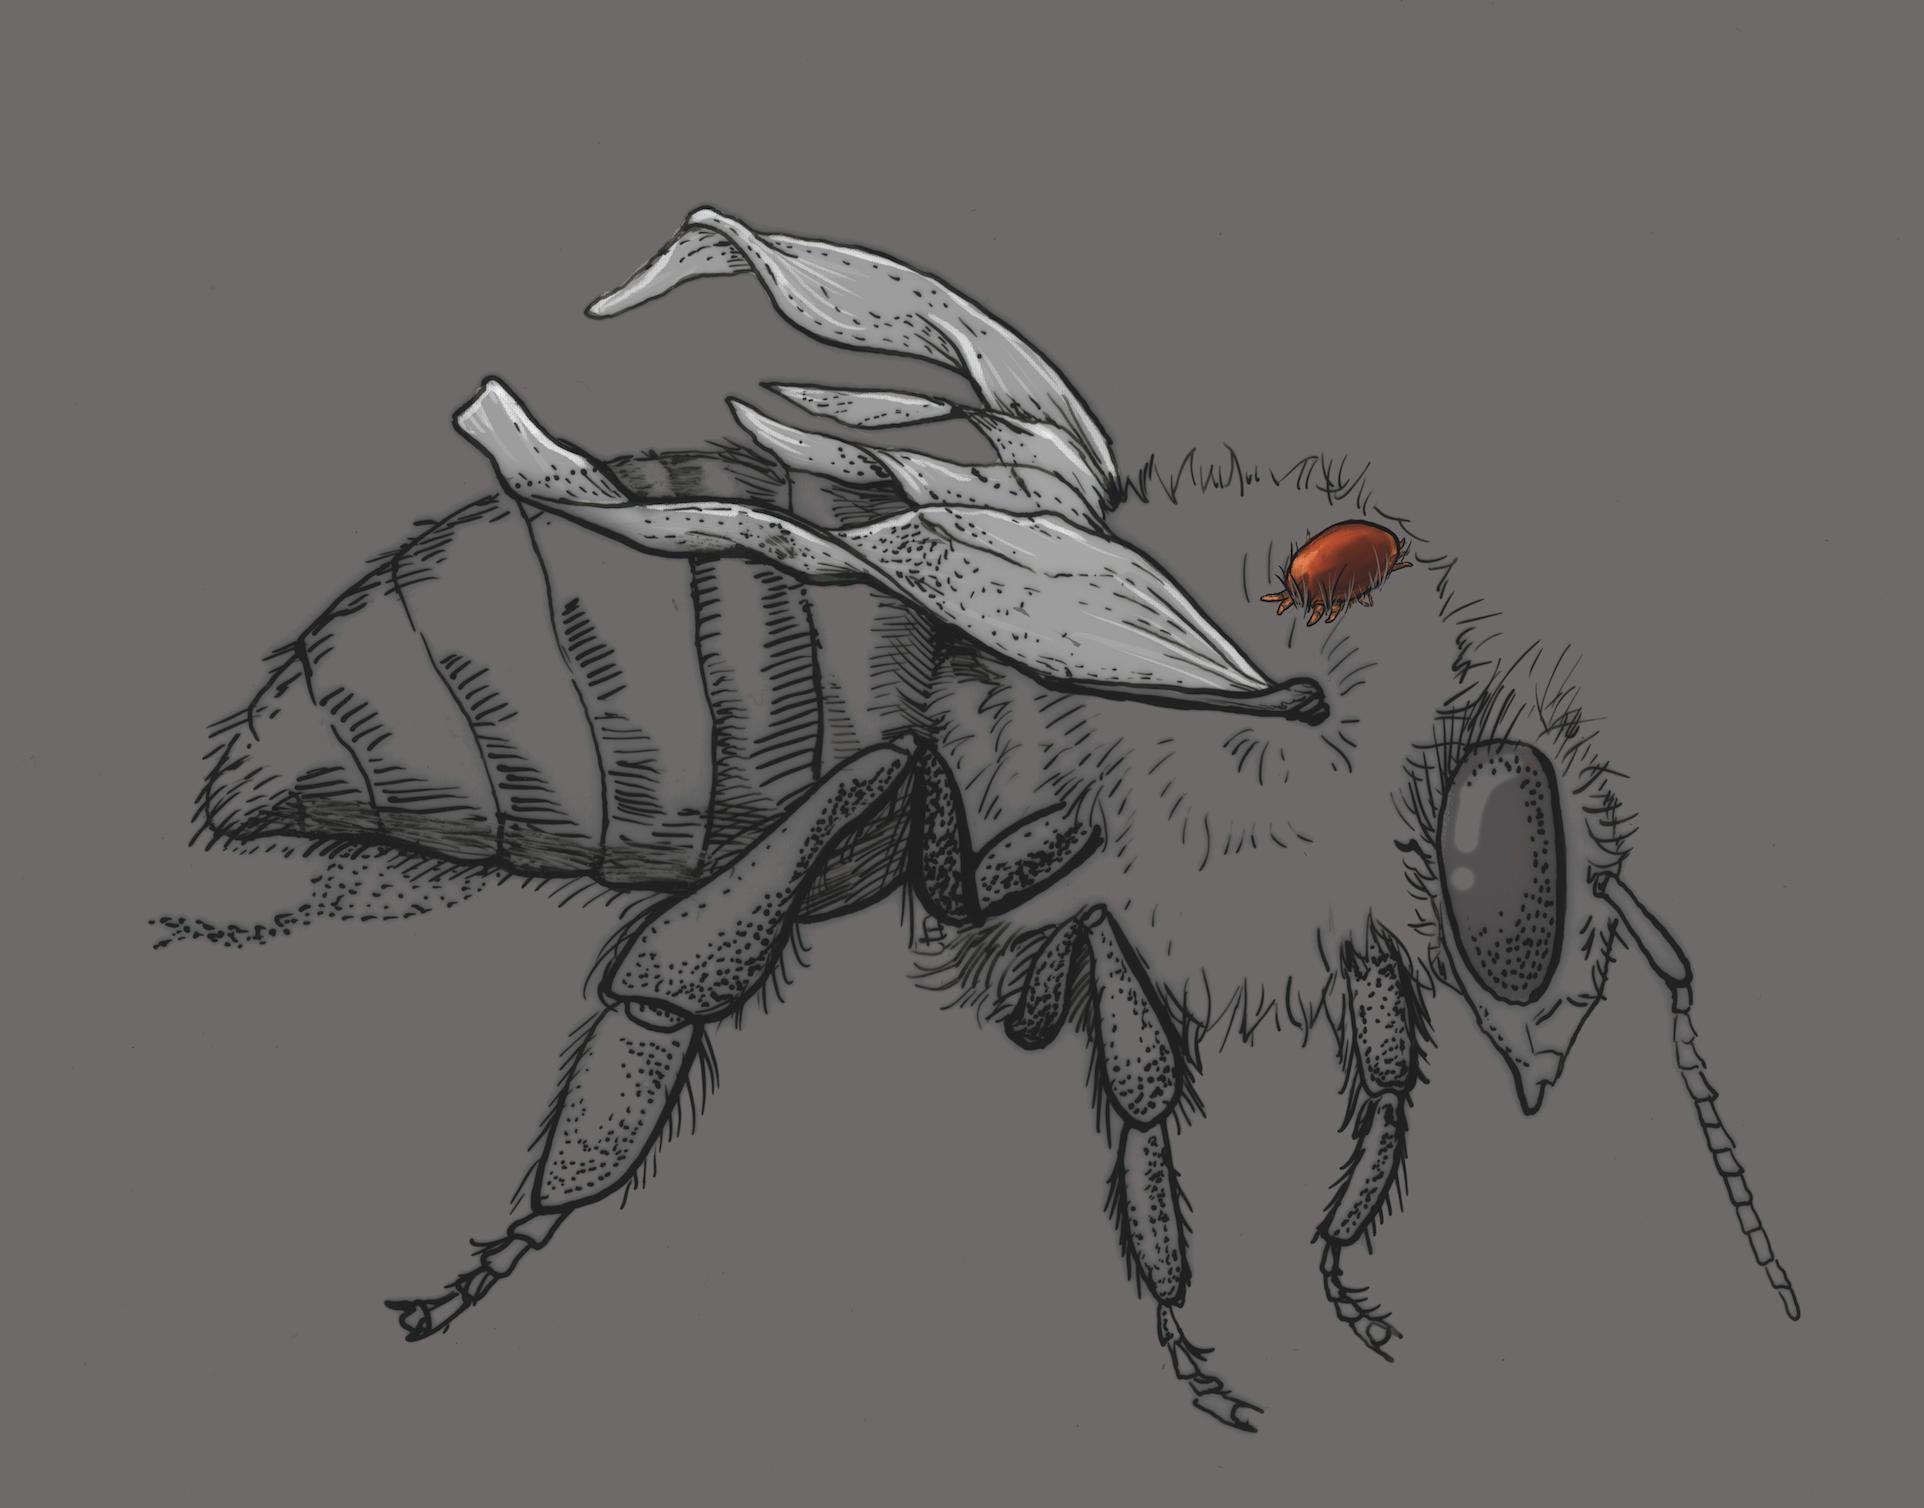 Honey bee with Deformed Wing Virus